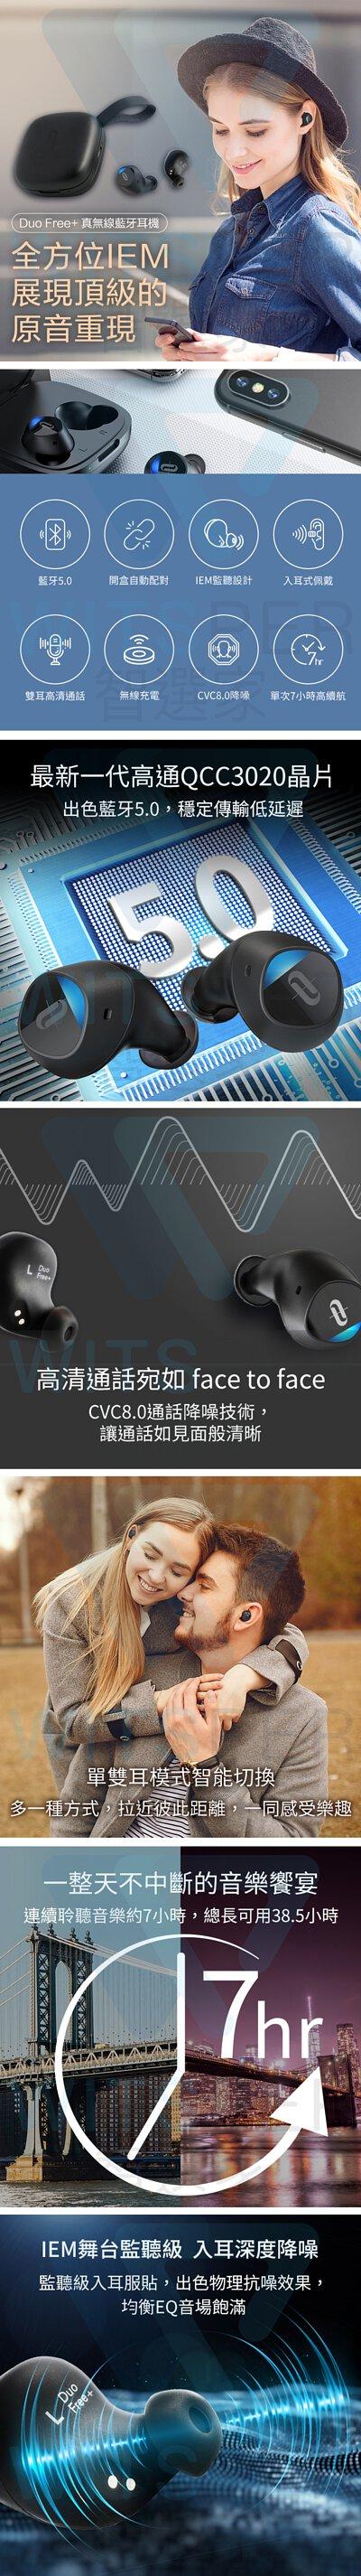 2019年真無線藍牙耳機推薦 - TaoTronics Duo Free+